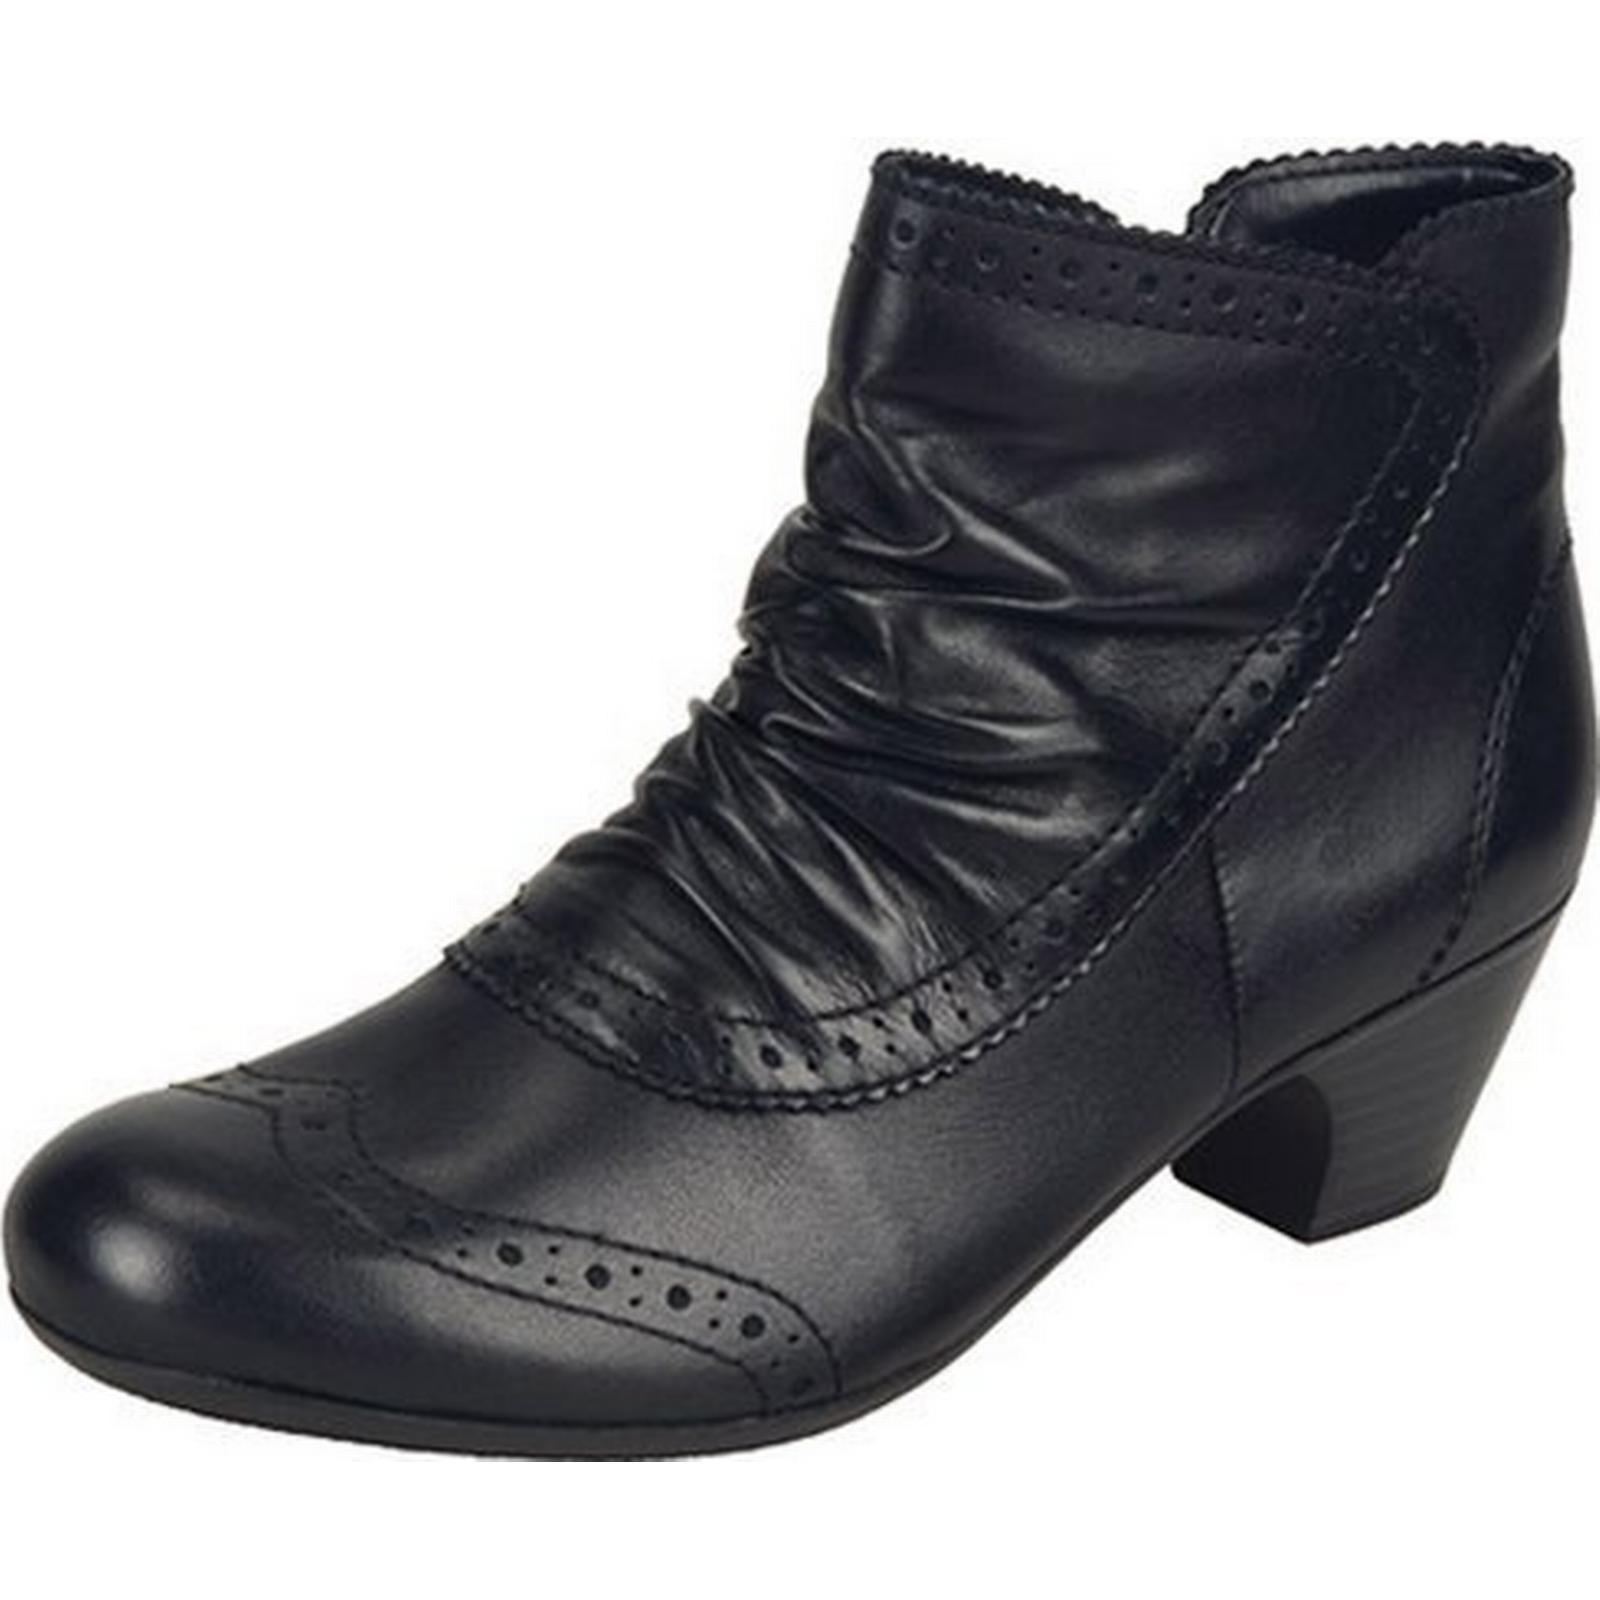 Rieker CHAMPION CHAMPION Rieker RIEKER LADIES ANKLE BOOTS Size: 38, Colour: BLACK d27ed4